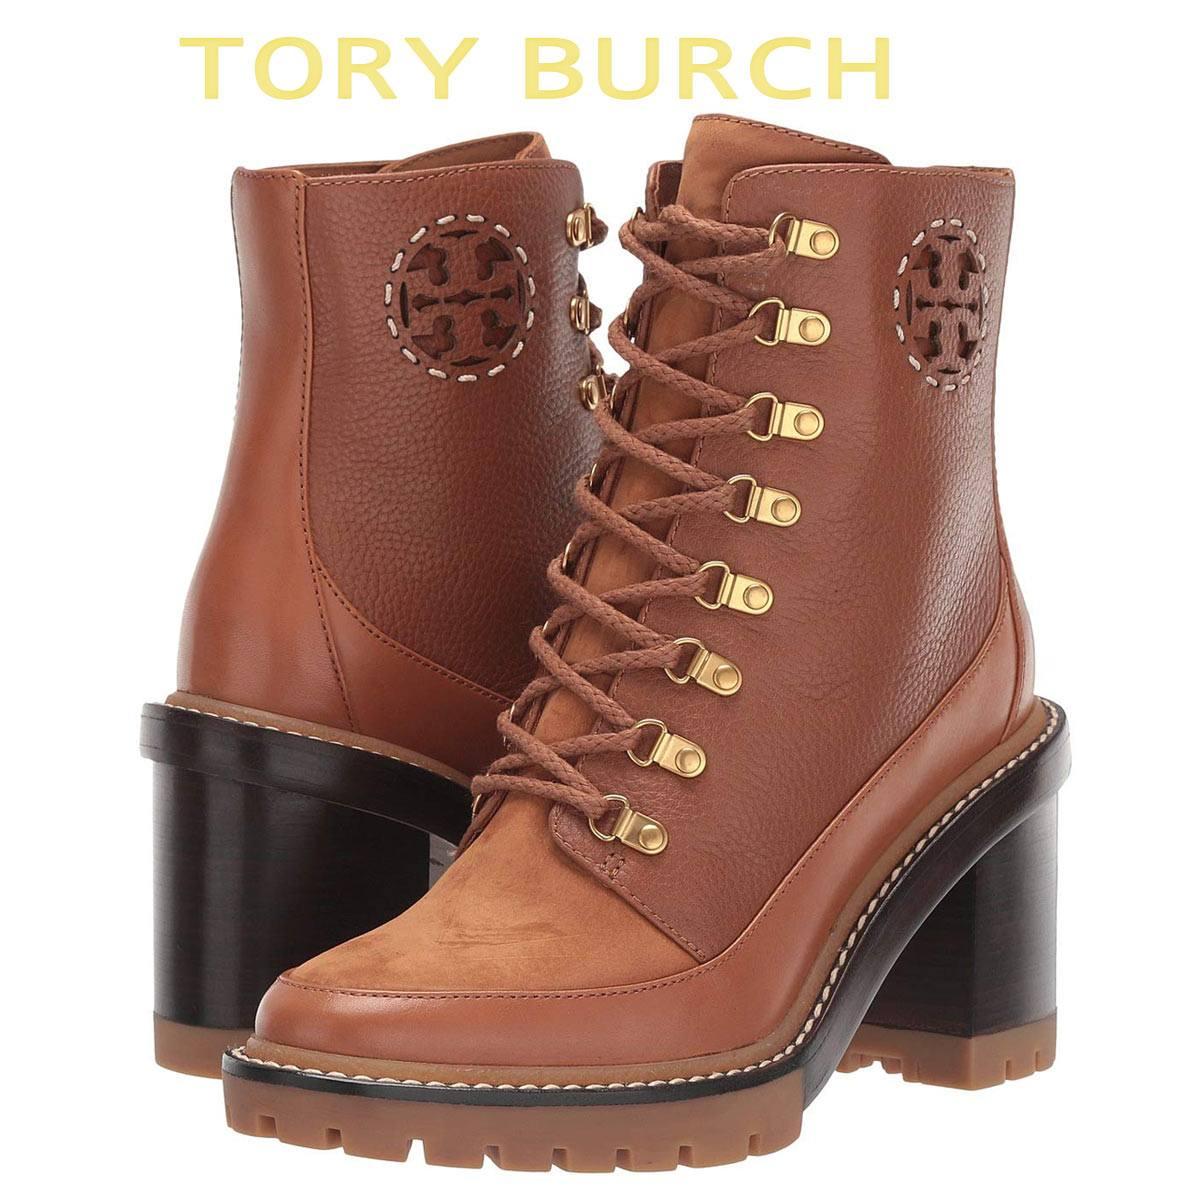 トリーバーチ ブーツ シューズ 靴 レディース 大きいサイズ あり ブーティ 本革 ショートブーツ Tory Burch